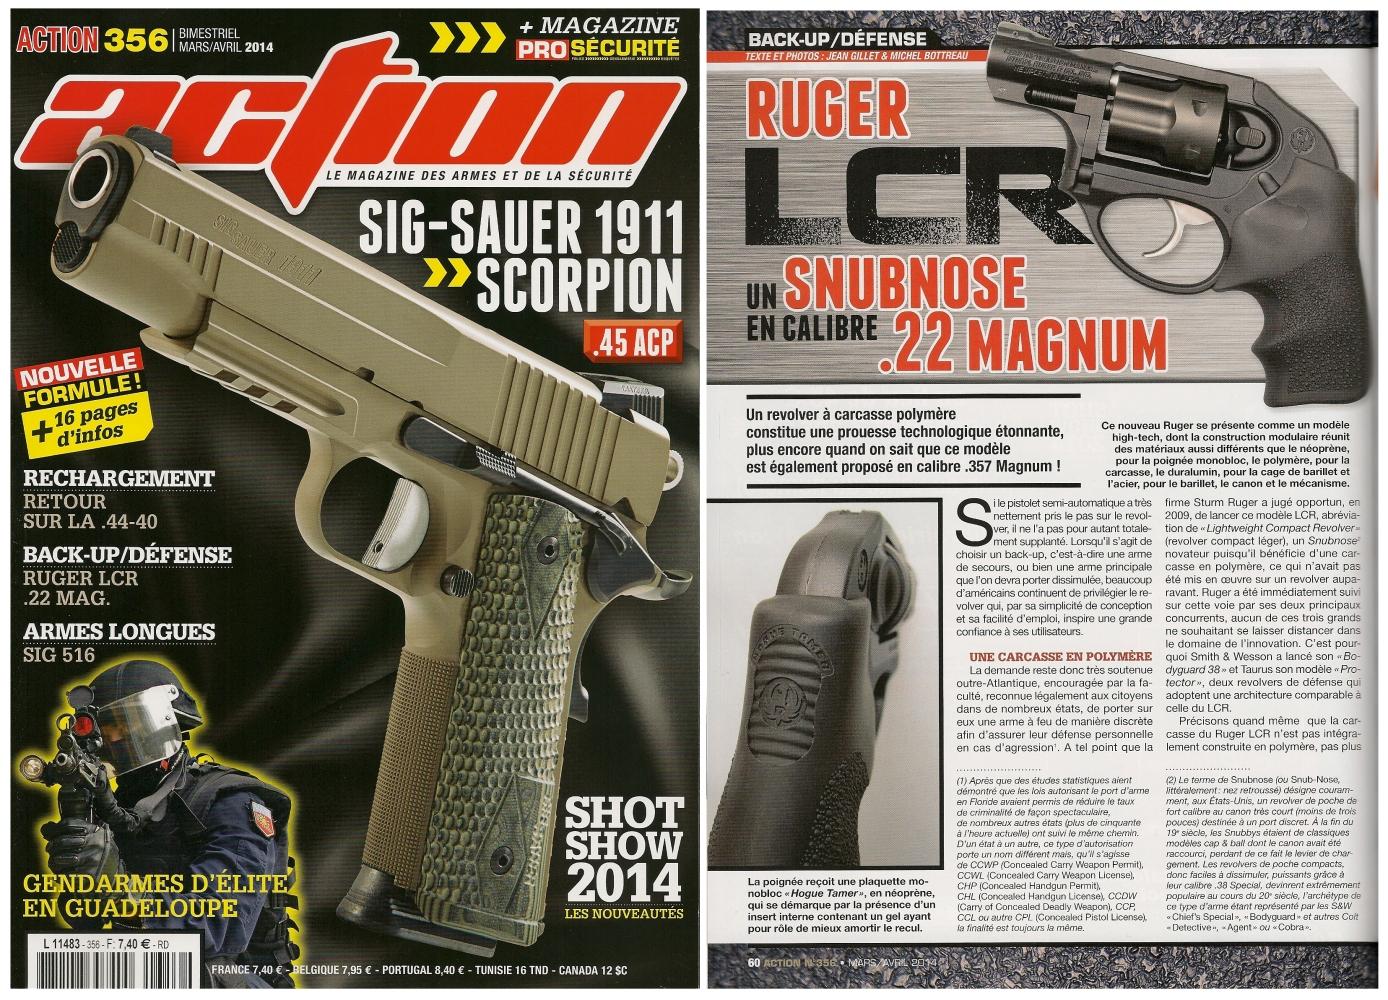 Le banc d'essai du revolver Ruger LCR en calibre .22 Magnum a été publié sur 6 pages dans le magazine Action n°356 (mars-avril 2014)